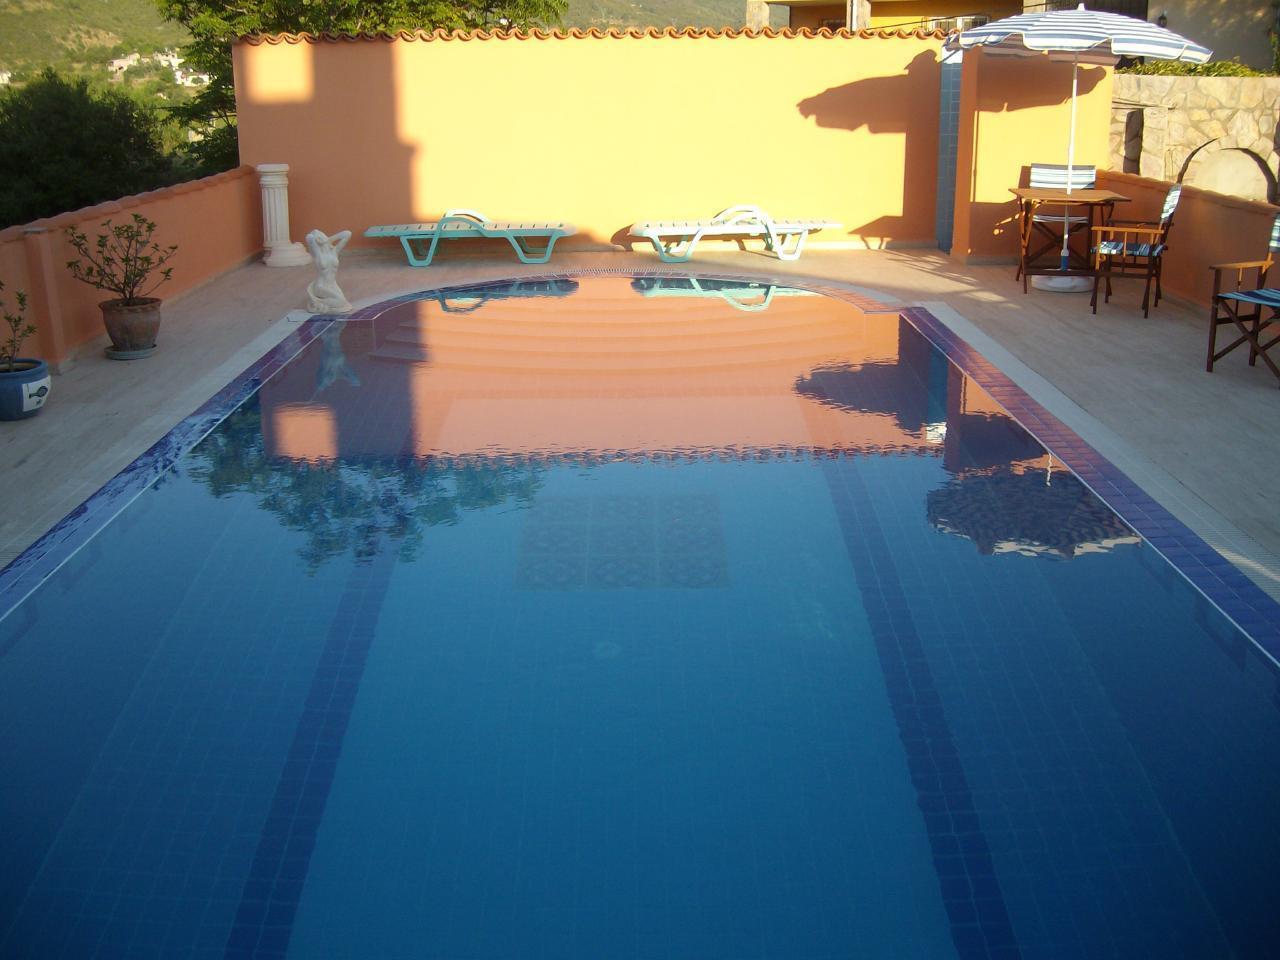 Ferienwohnung in einer Villa mit Pool in Alanya Demirtas 2